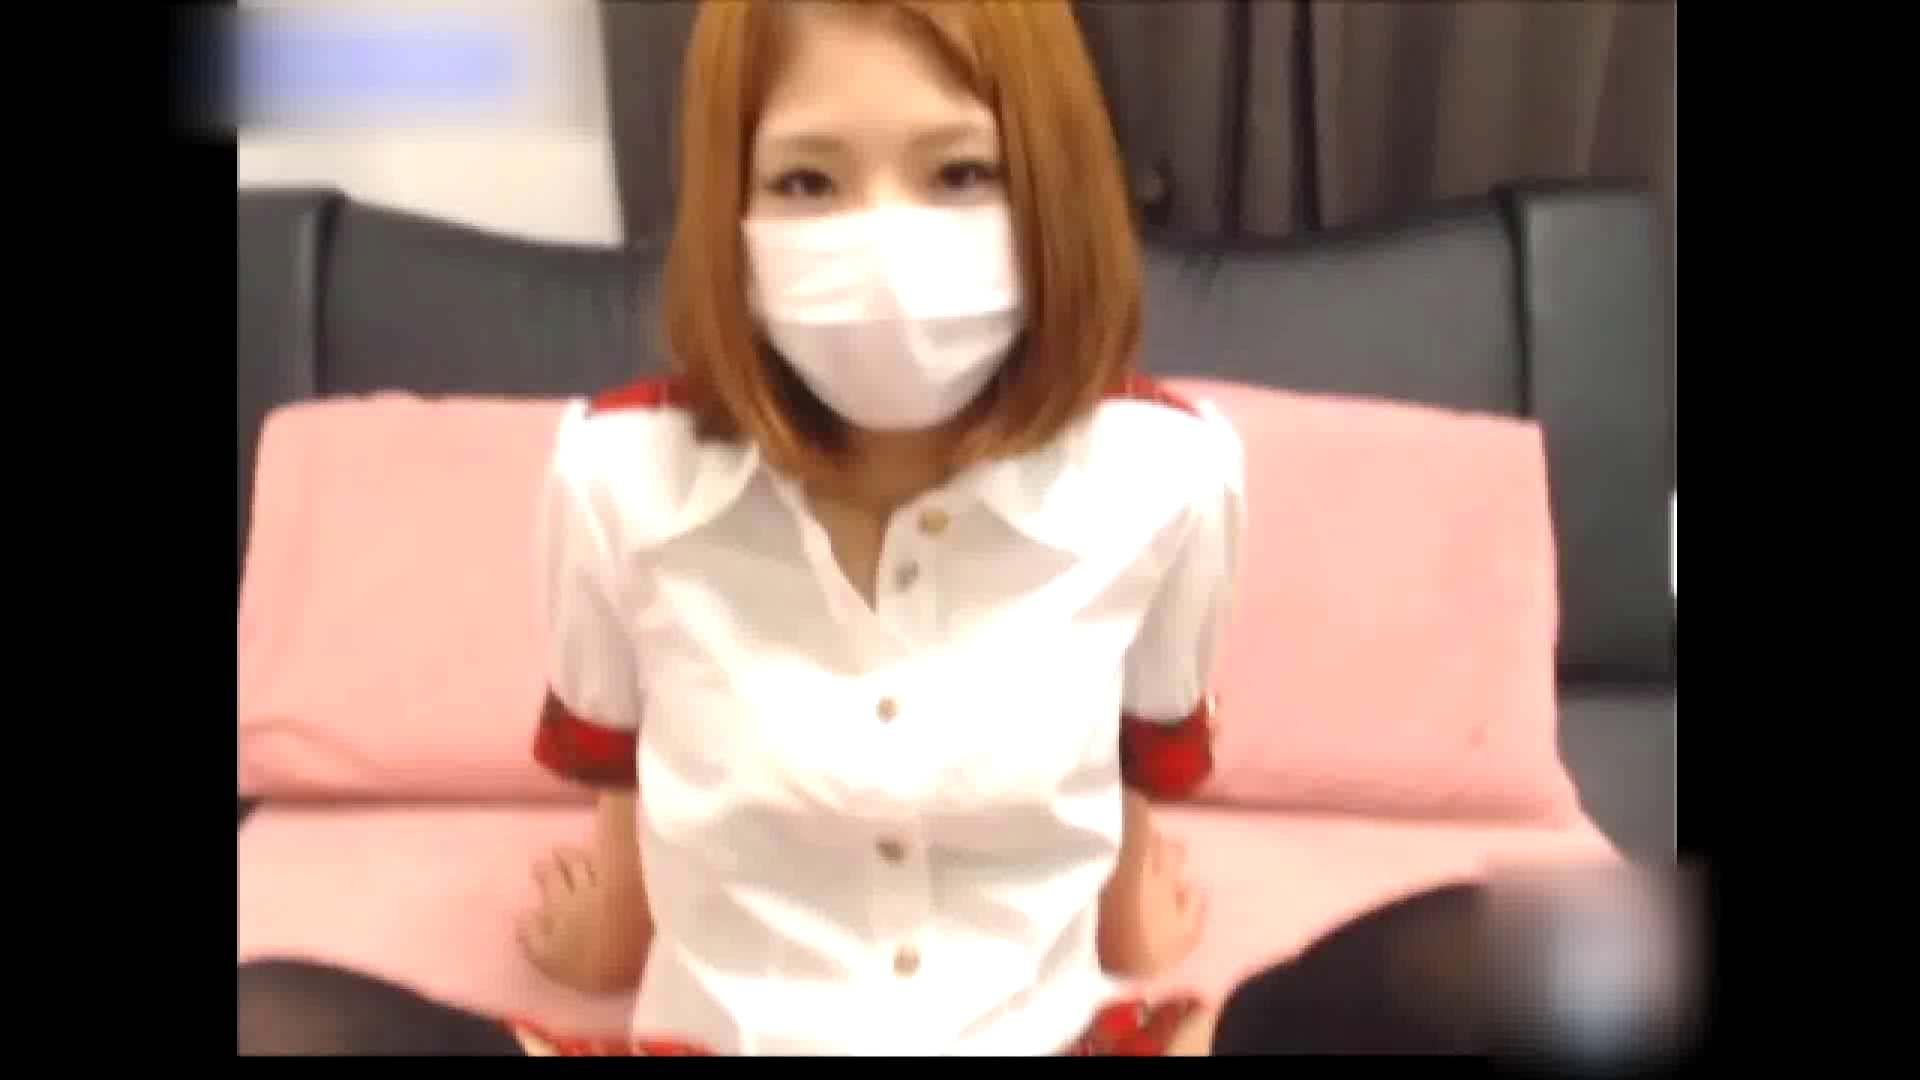 アッと驚くハメ五郎 Vol.06 ギャルのエロ動画 AV動画キャプチャ 63pic 16